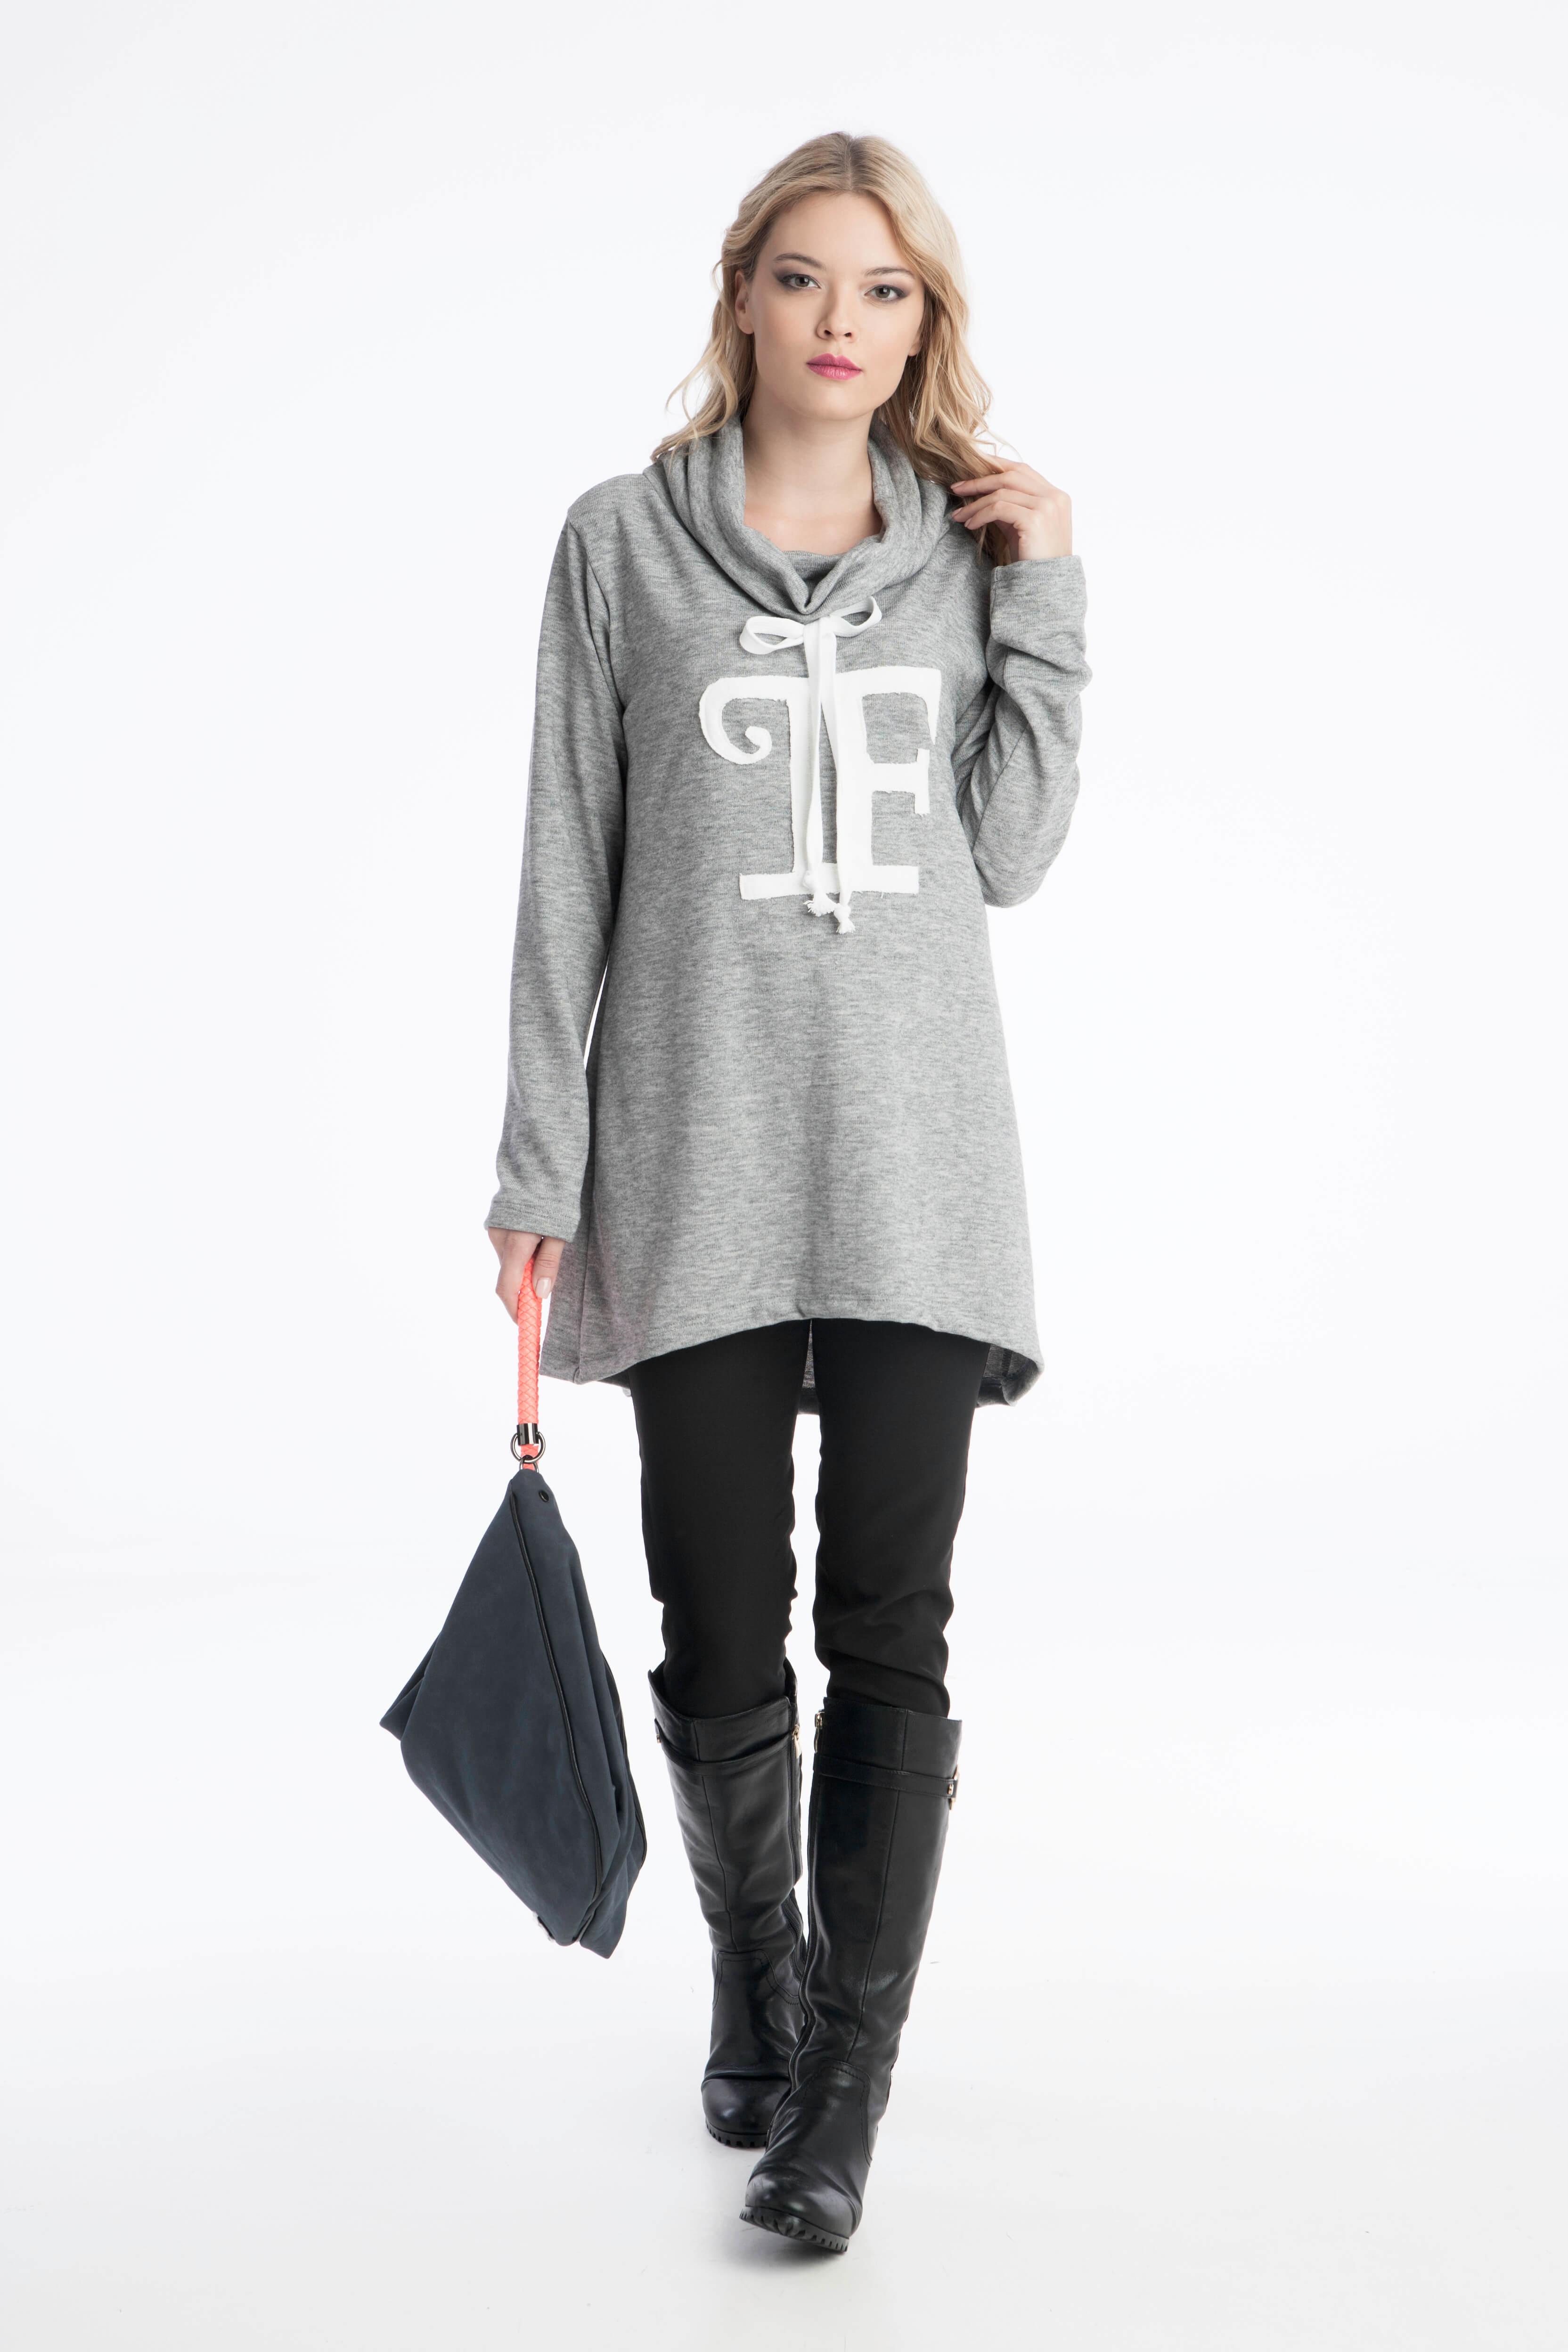 75a2d5789987 Γυναικεία Μπλούζα Πλεχτή Prestige Fashion Logo - Prestige Fashion